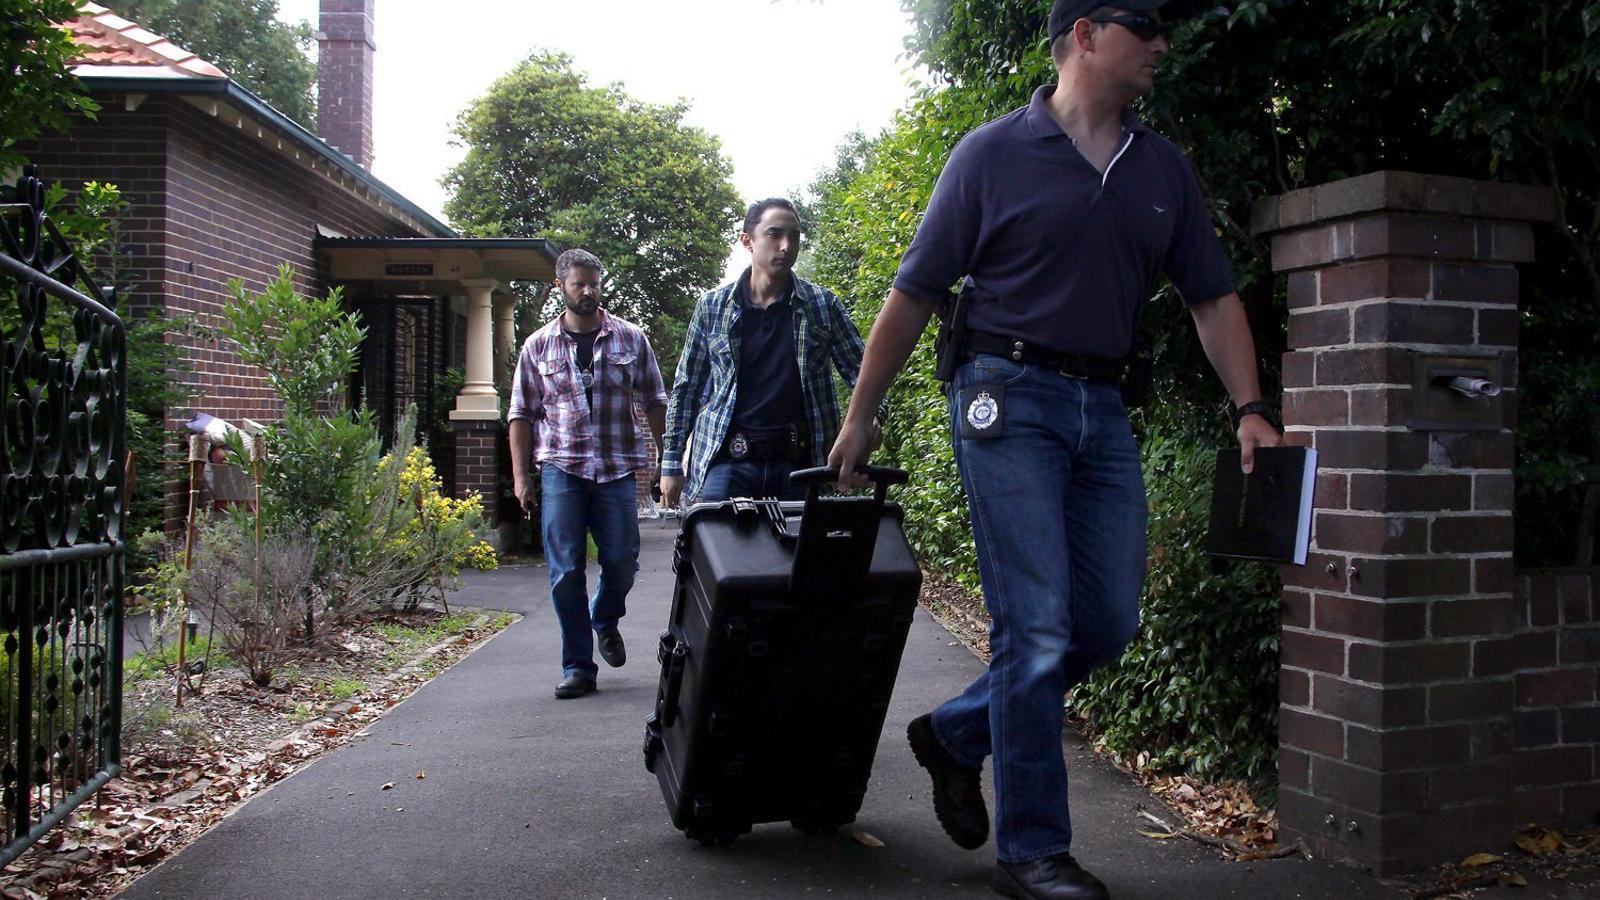 Agents federals australians sortint del domicili de Craig Wright, presumpte creador del bitcoin, al nord de Sydney.